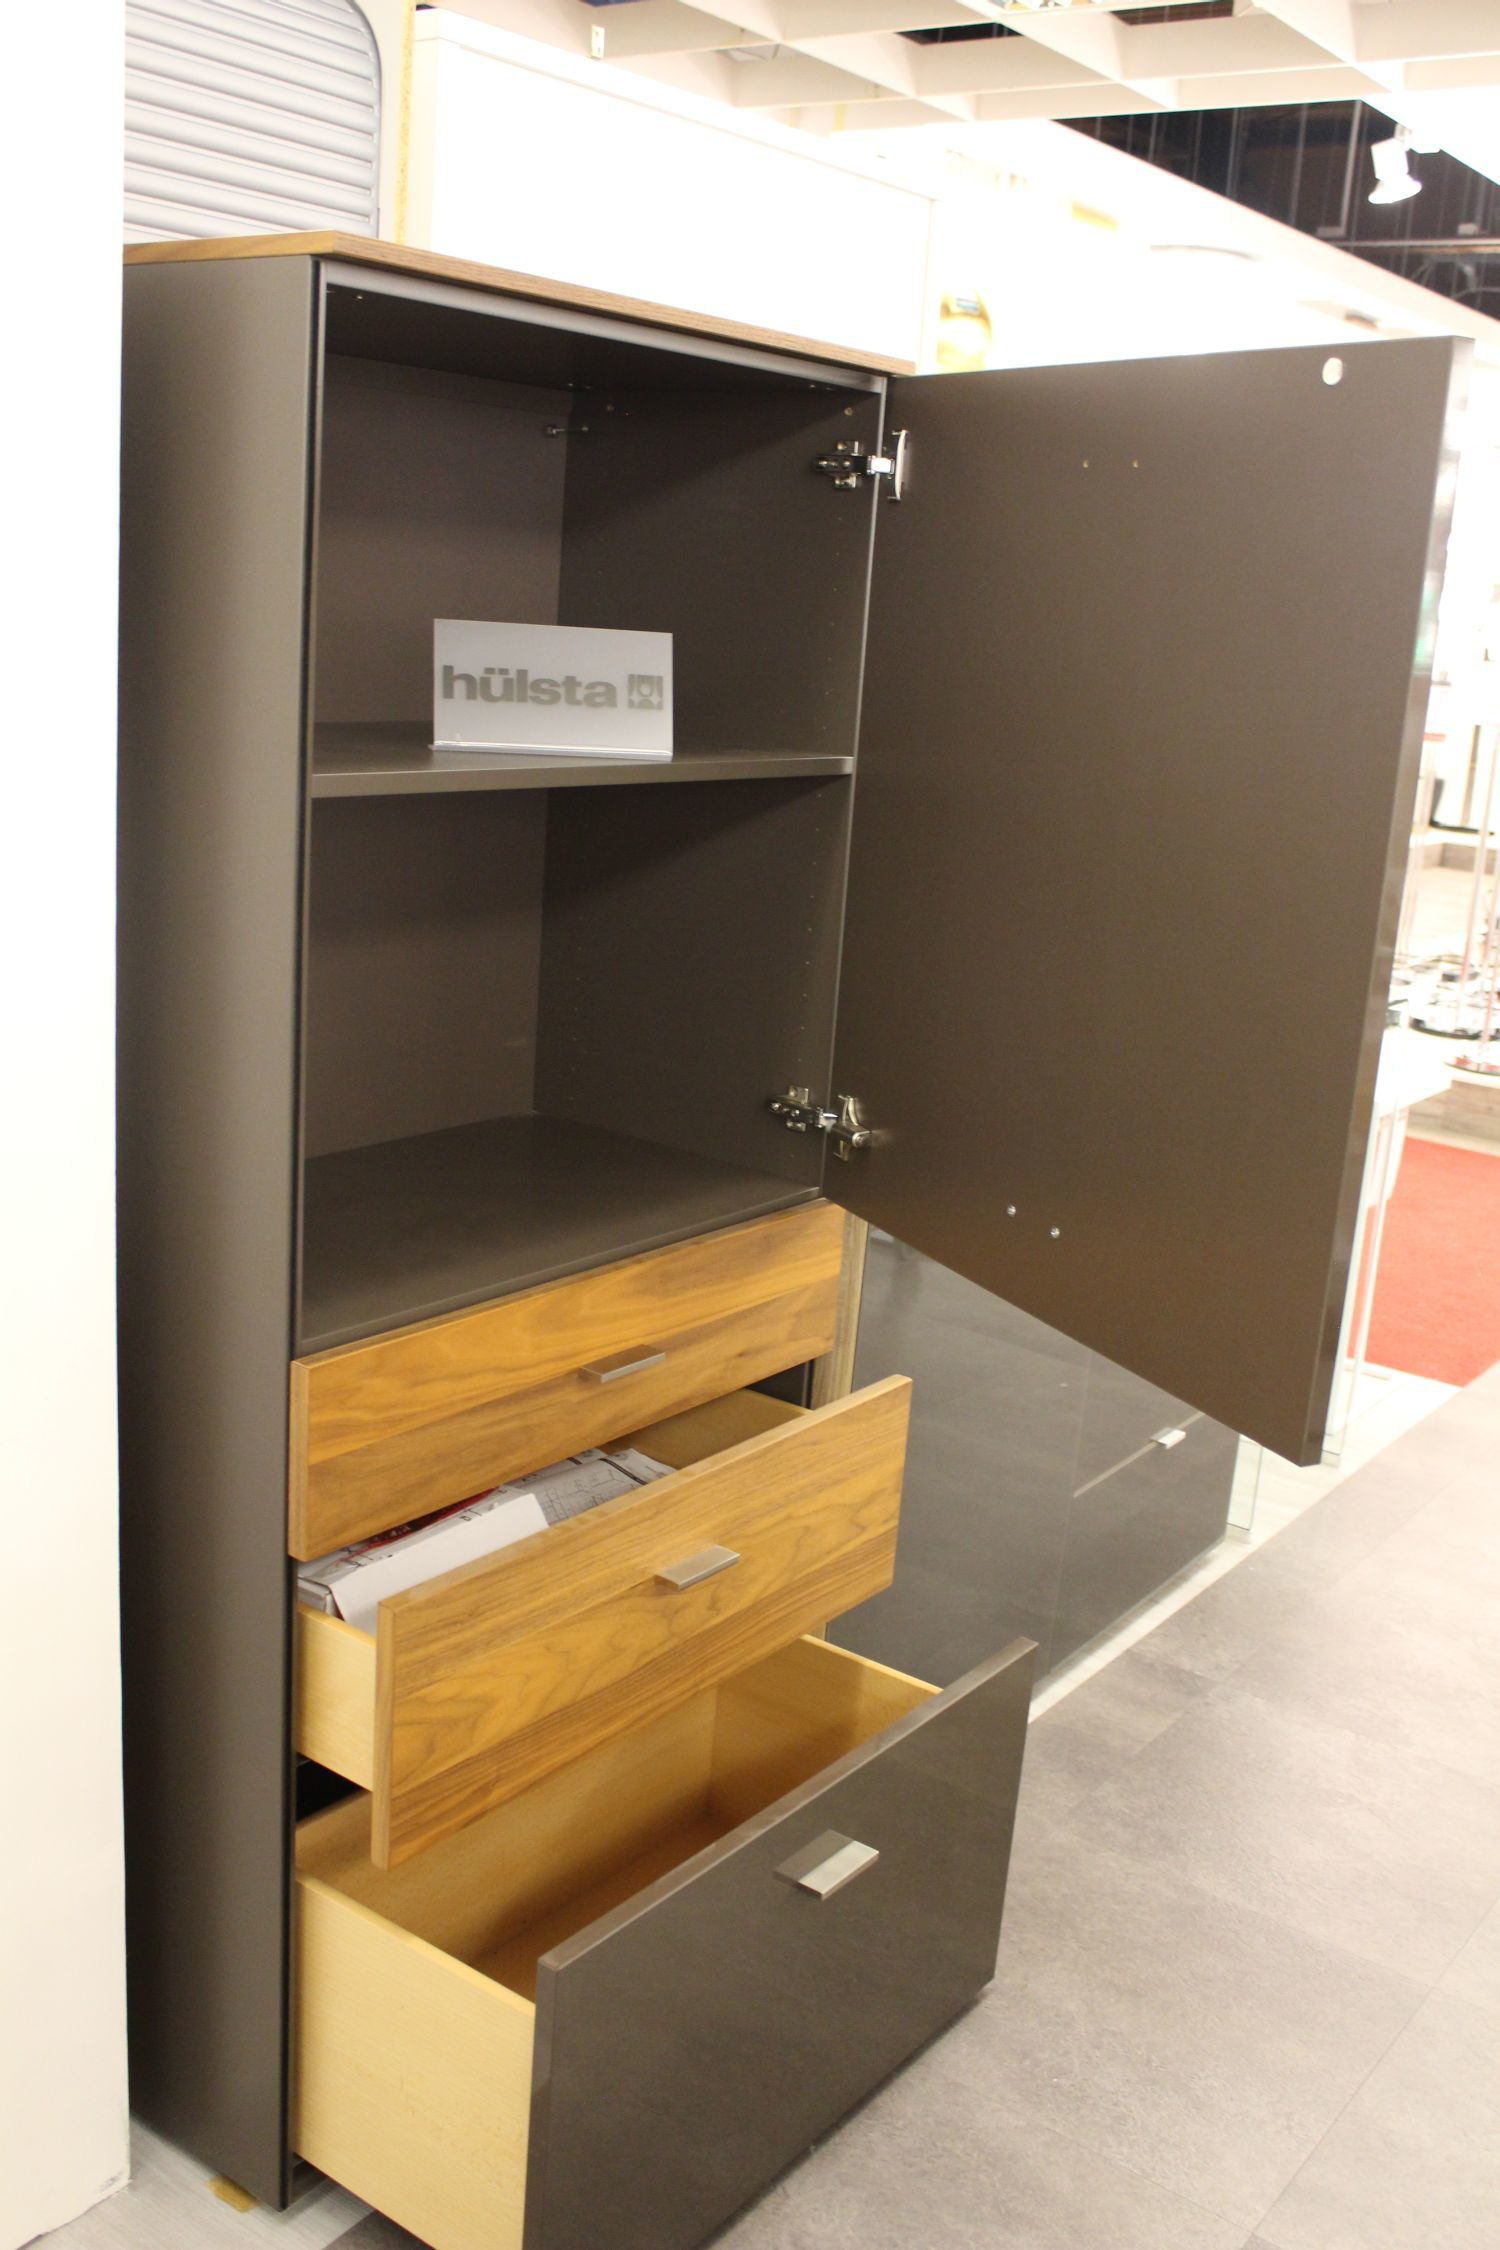 Möbel Eilers Apen Abverkauf Schlafzimmer Kommode Sideboard - Abverkauf schlafzimmer